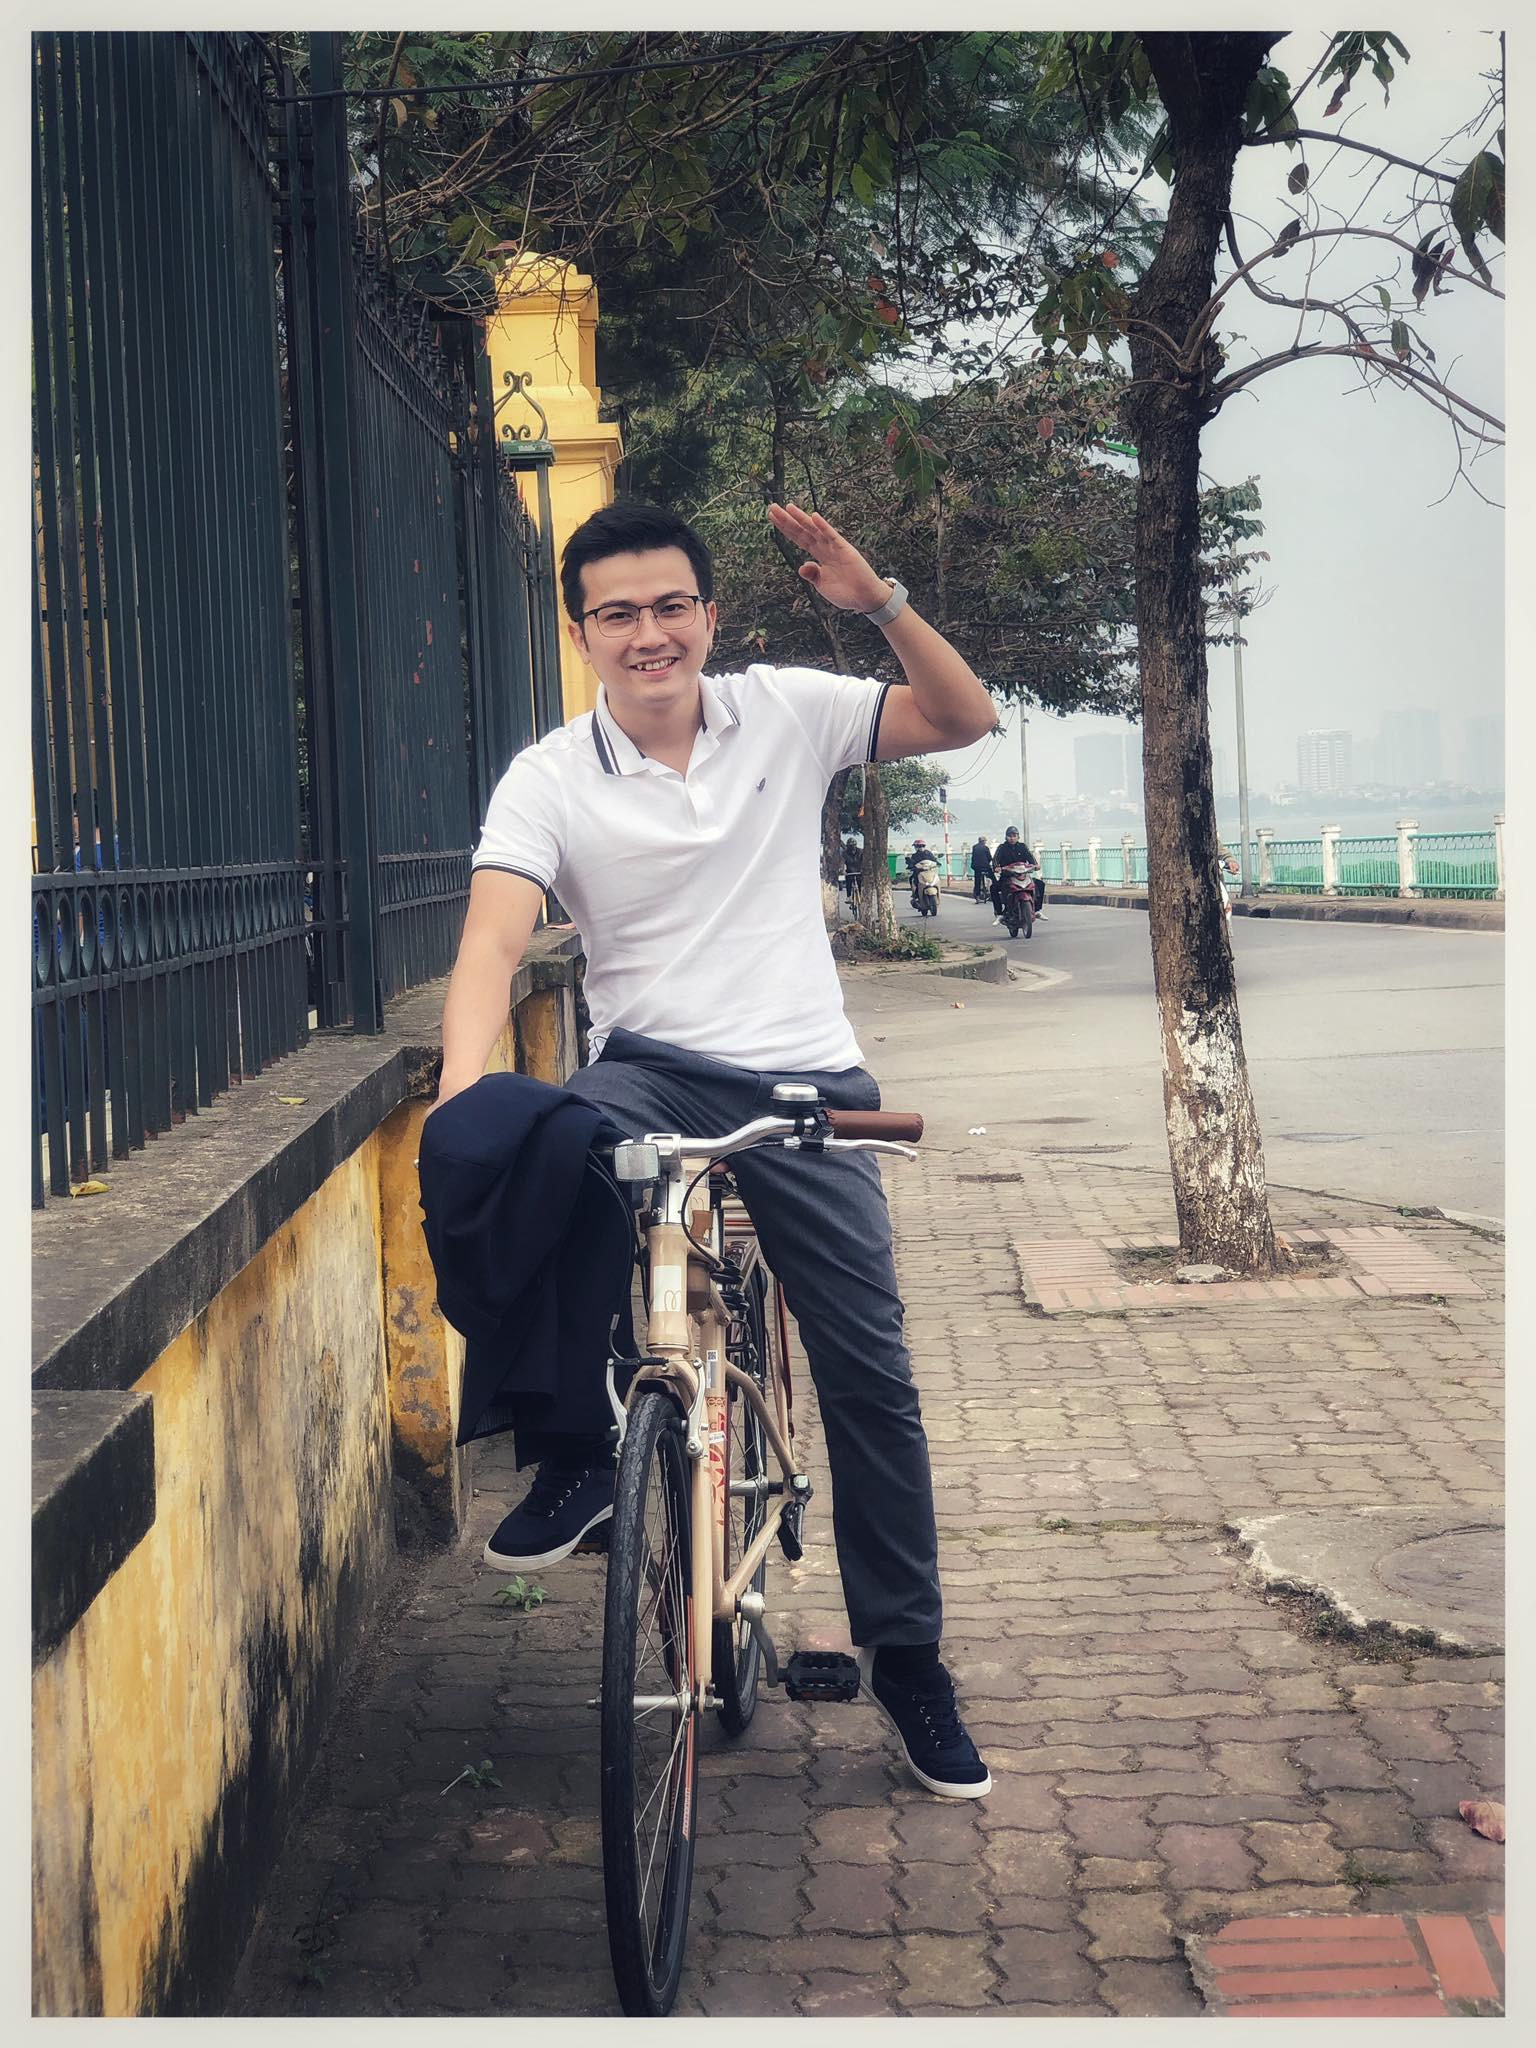 Phó Giáo sư trẻ nhất Việt Nam trở thành Giáo sư một trường Đại học lớn tại Mỹ ở tuổi 35 - Ảnh 4.